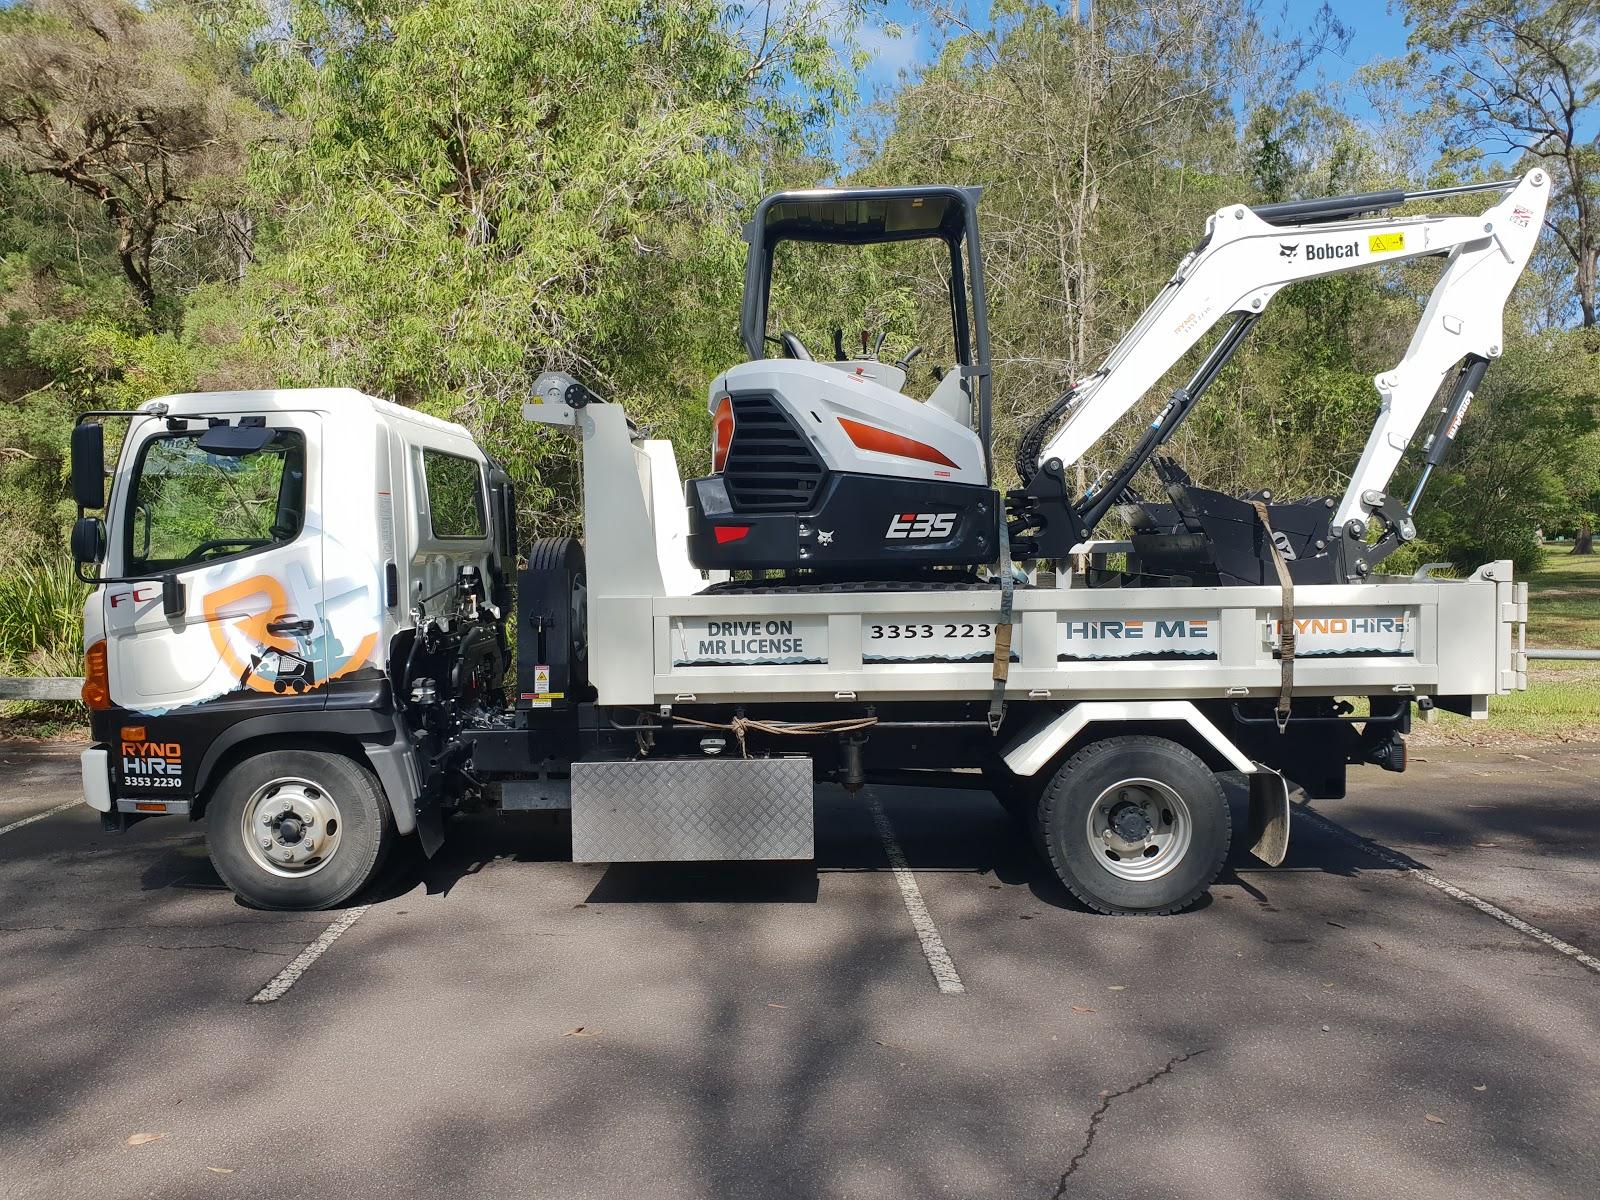 tipper truck towing excavator